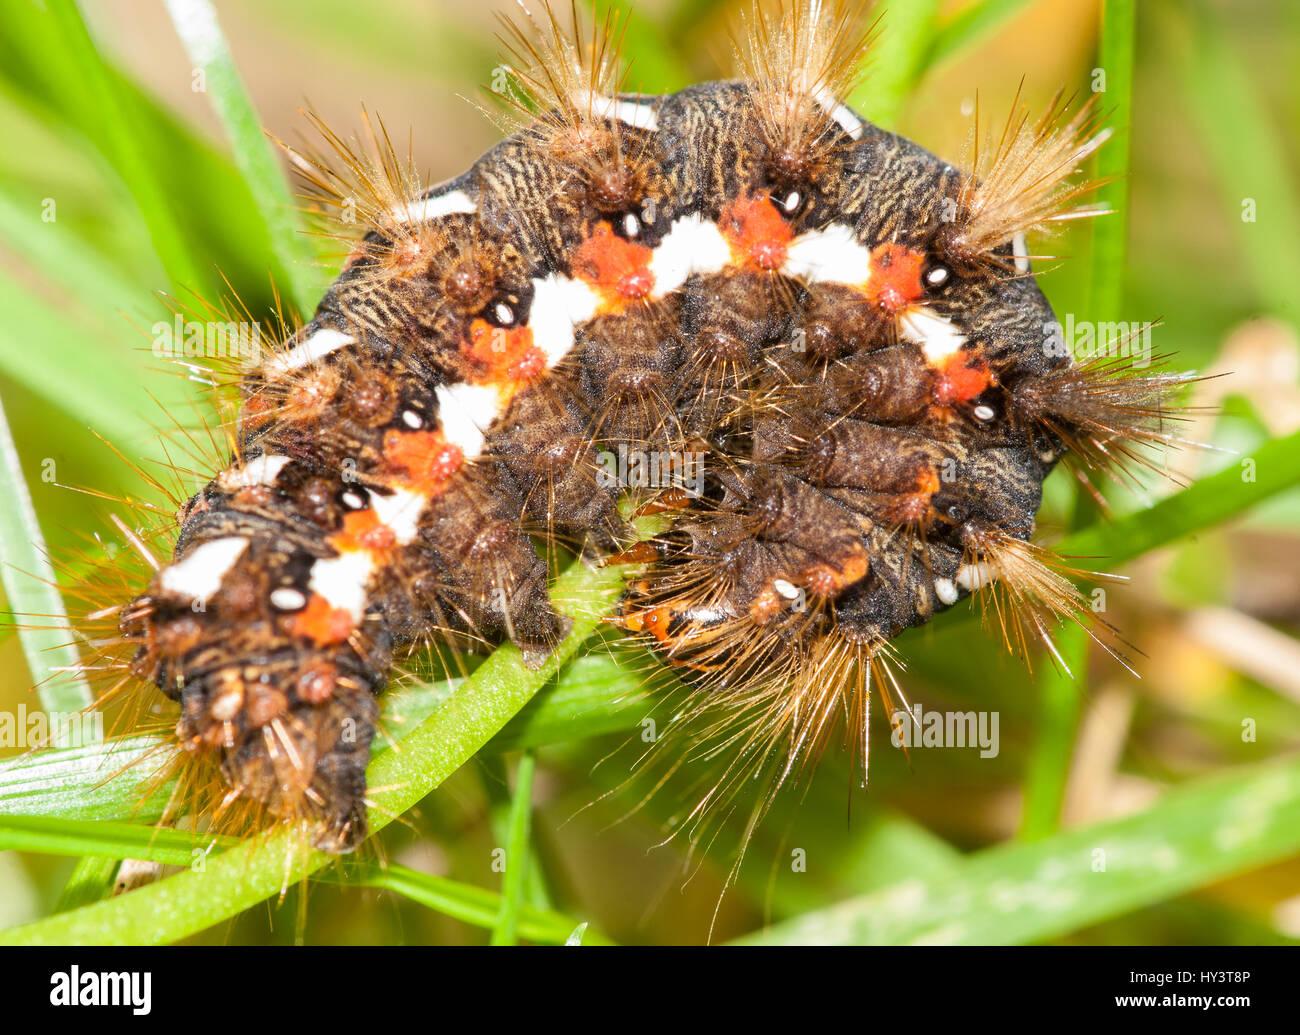 Acronicta rumicis. Polilla perteneciente a la familia noctuidae. Pueden presentar dos generaciones anuales, con - Stock Image